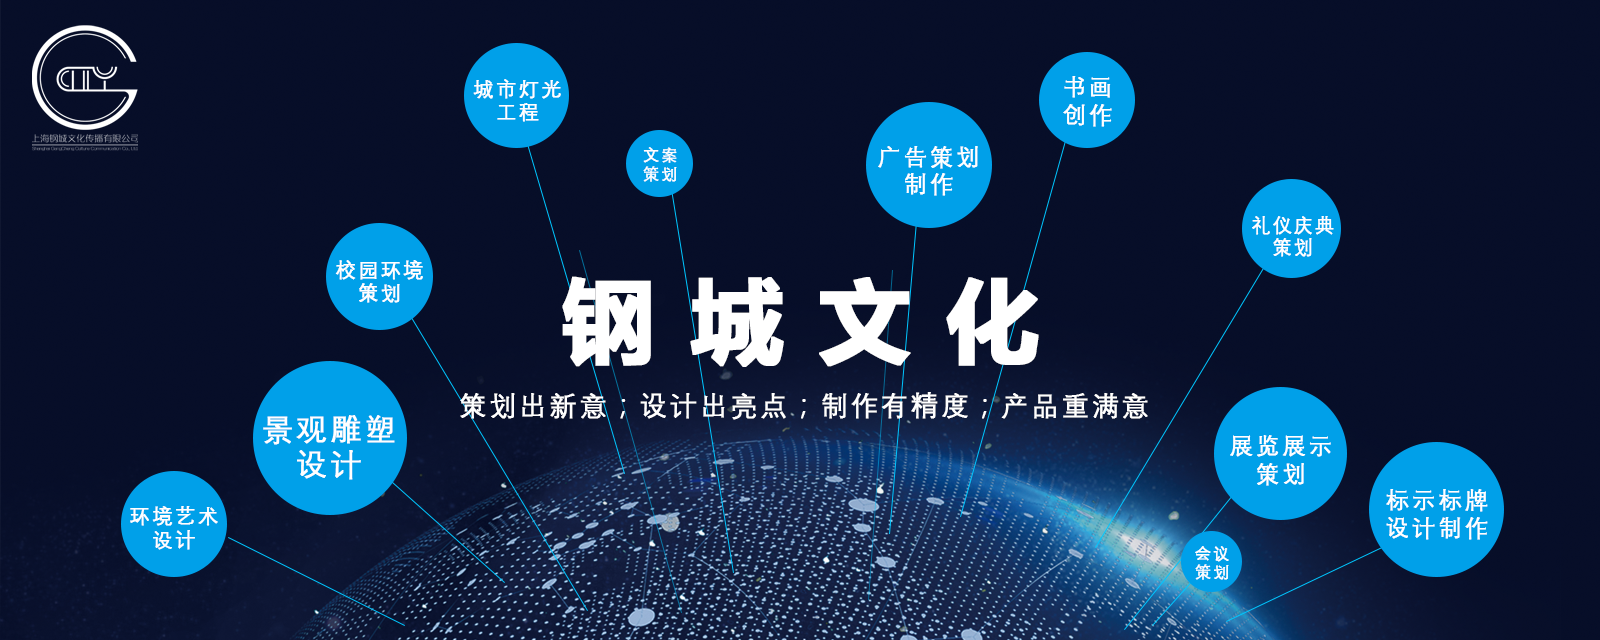 上海钢城文化传播有限公司